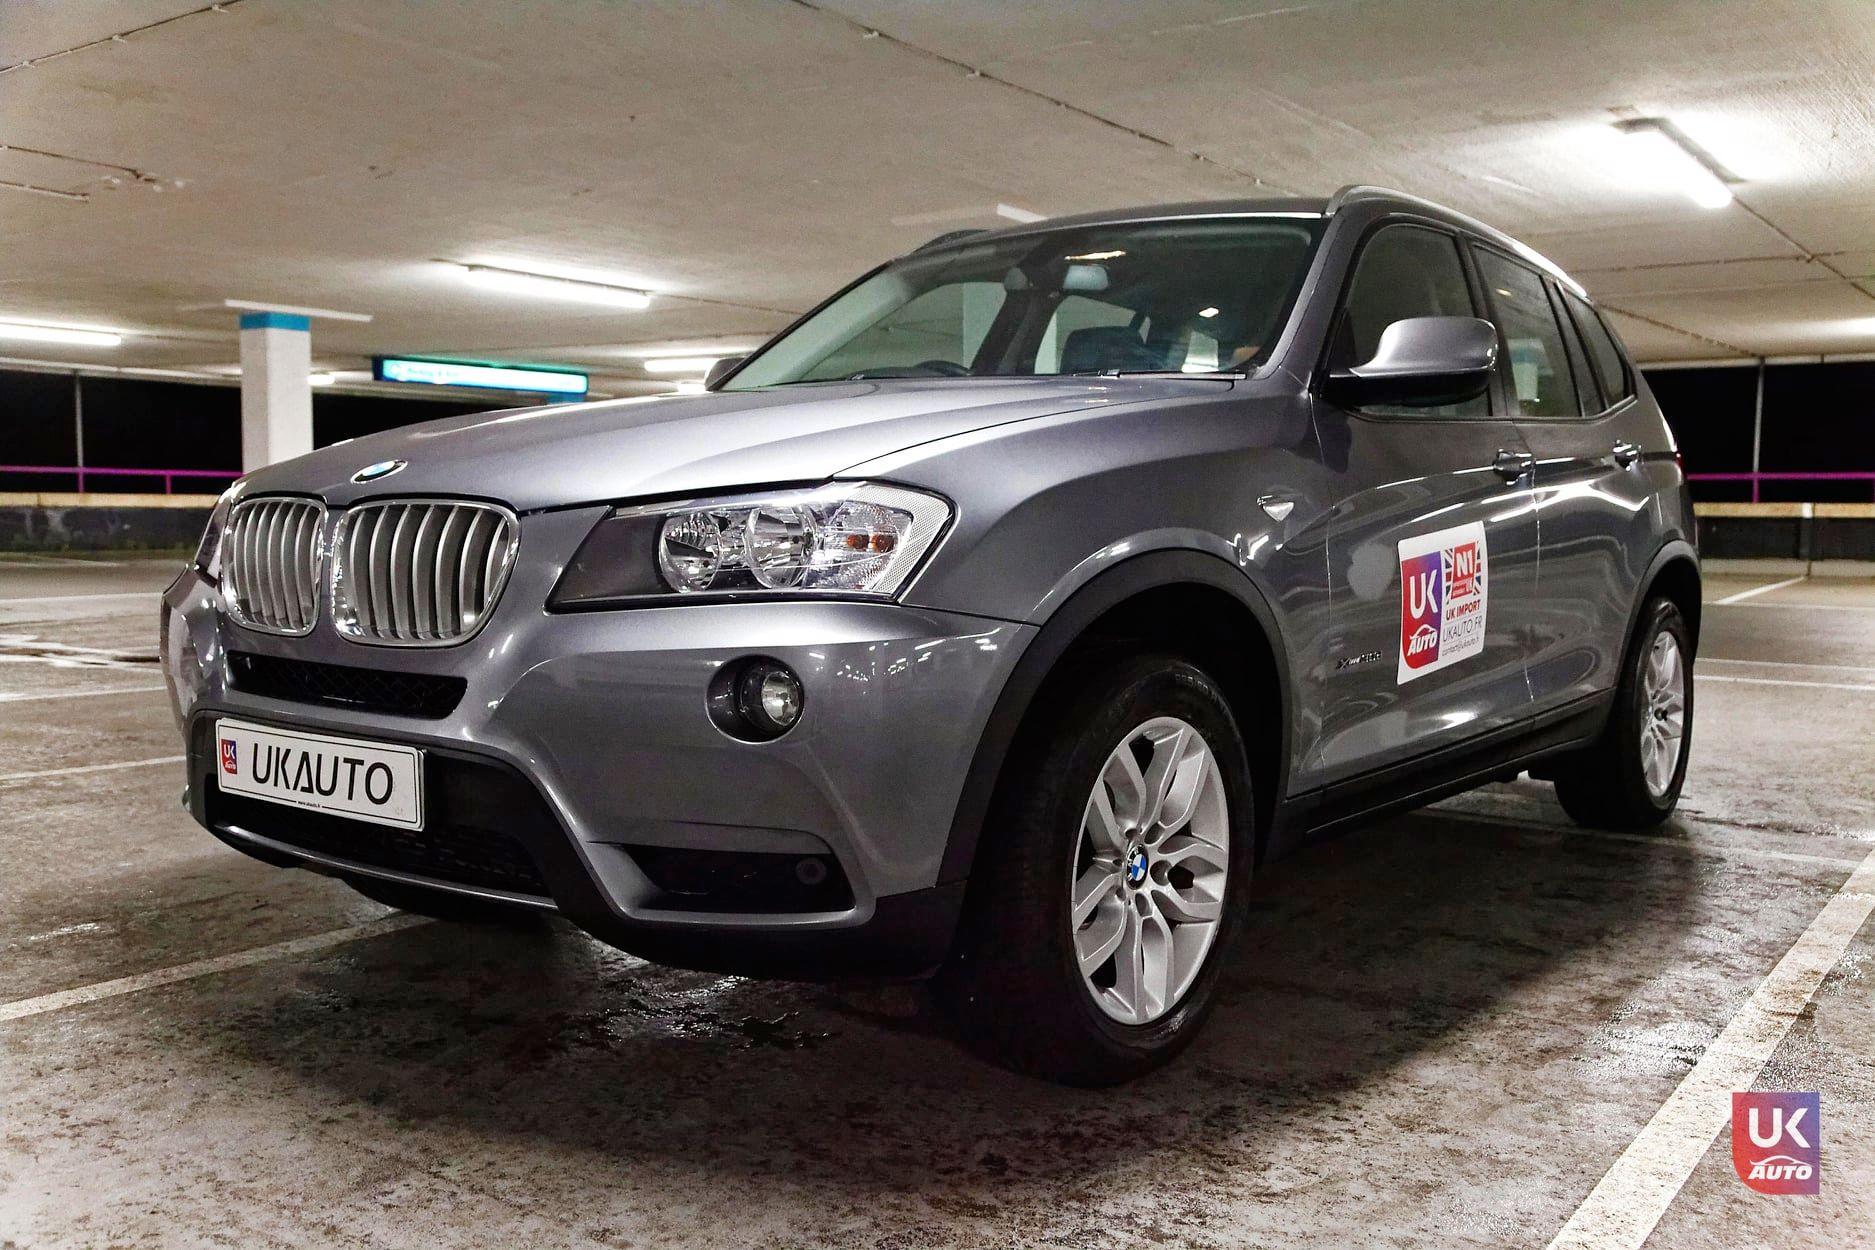 Voiture occasion royaume uni BMW X3 IMPORT UK11 - Voiture occasion royaume uni BMW X3 IMPORT UK